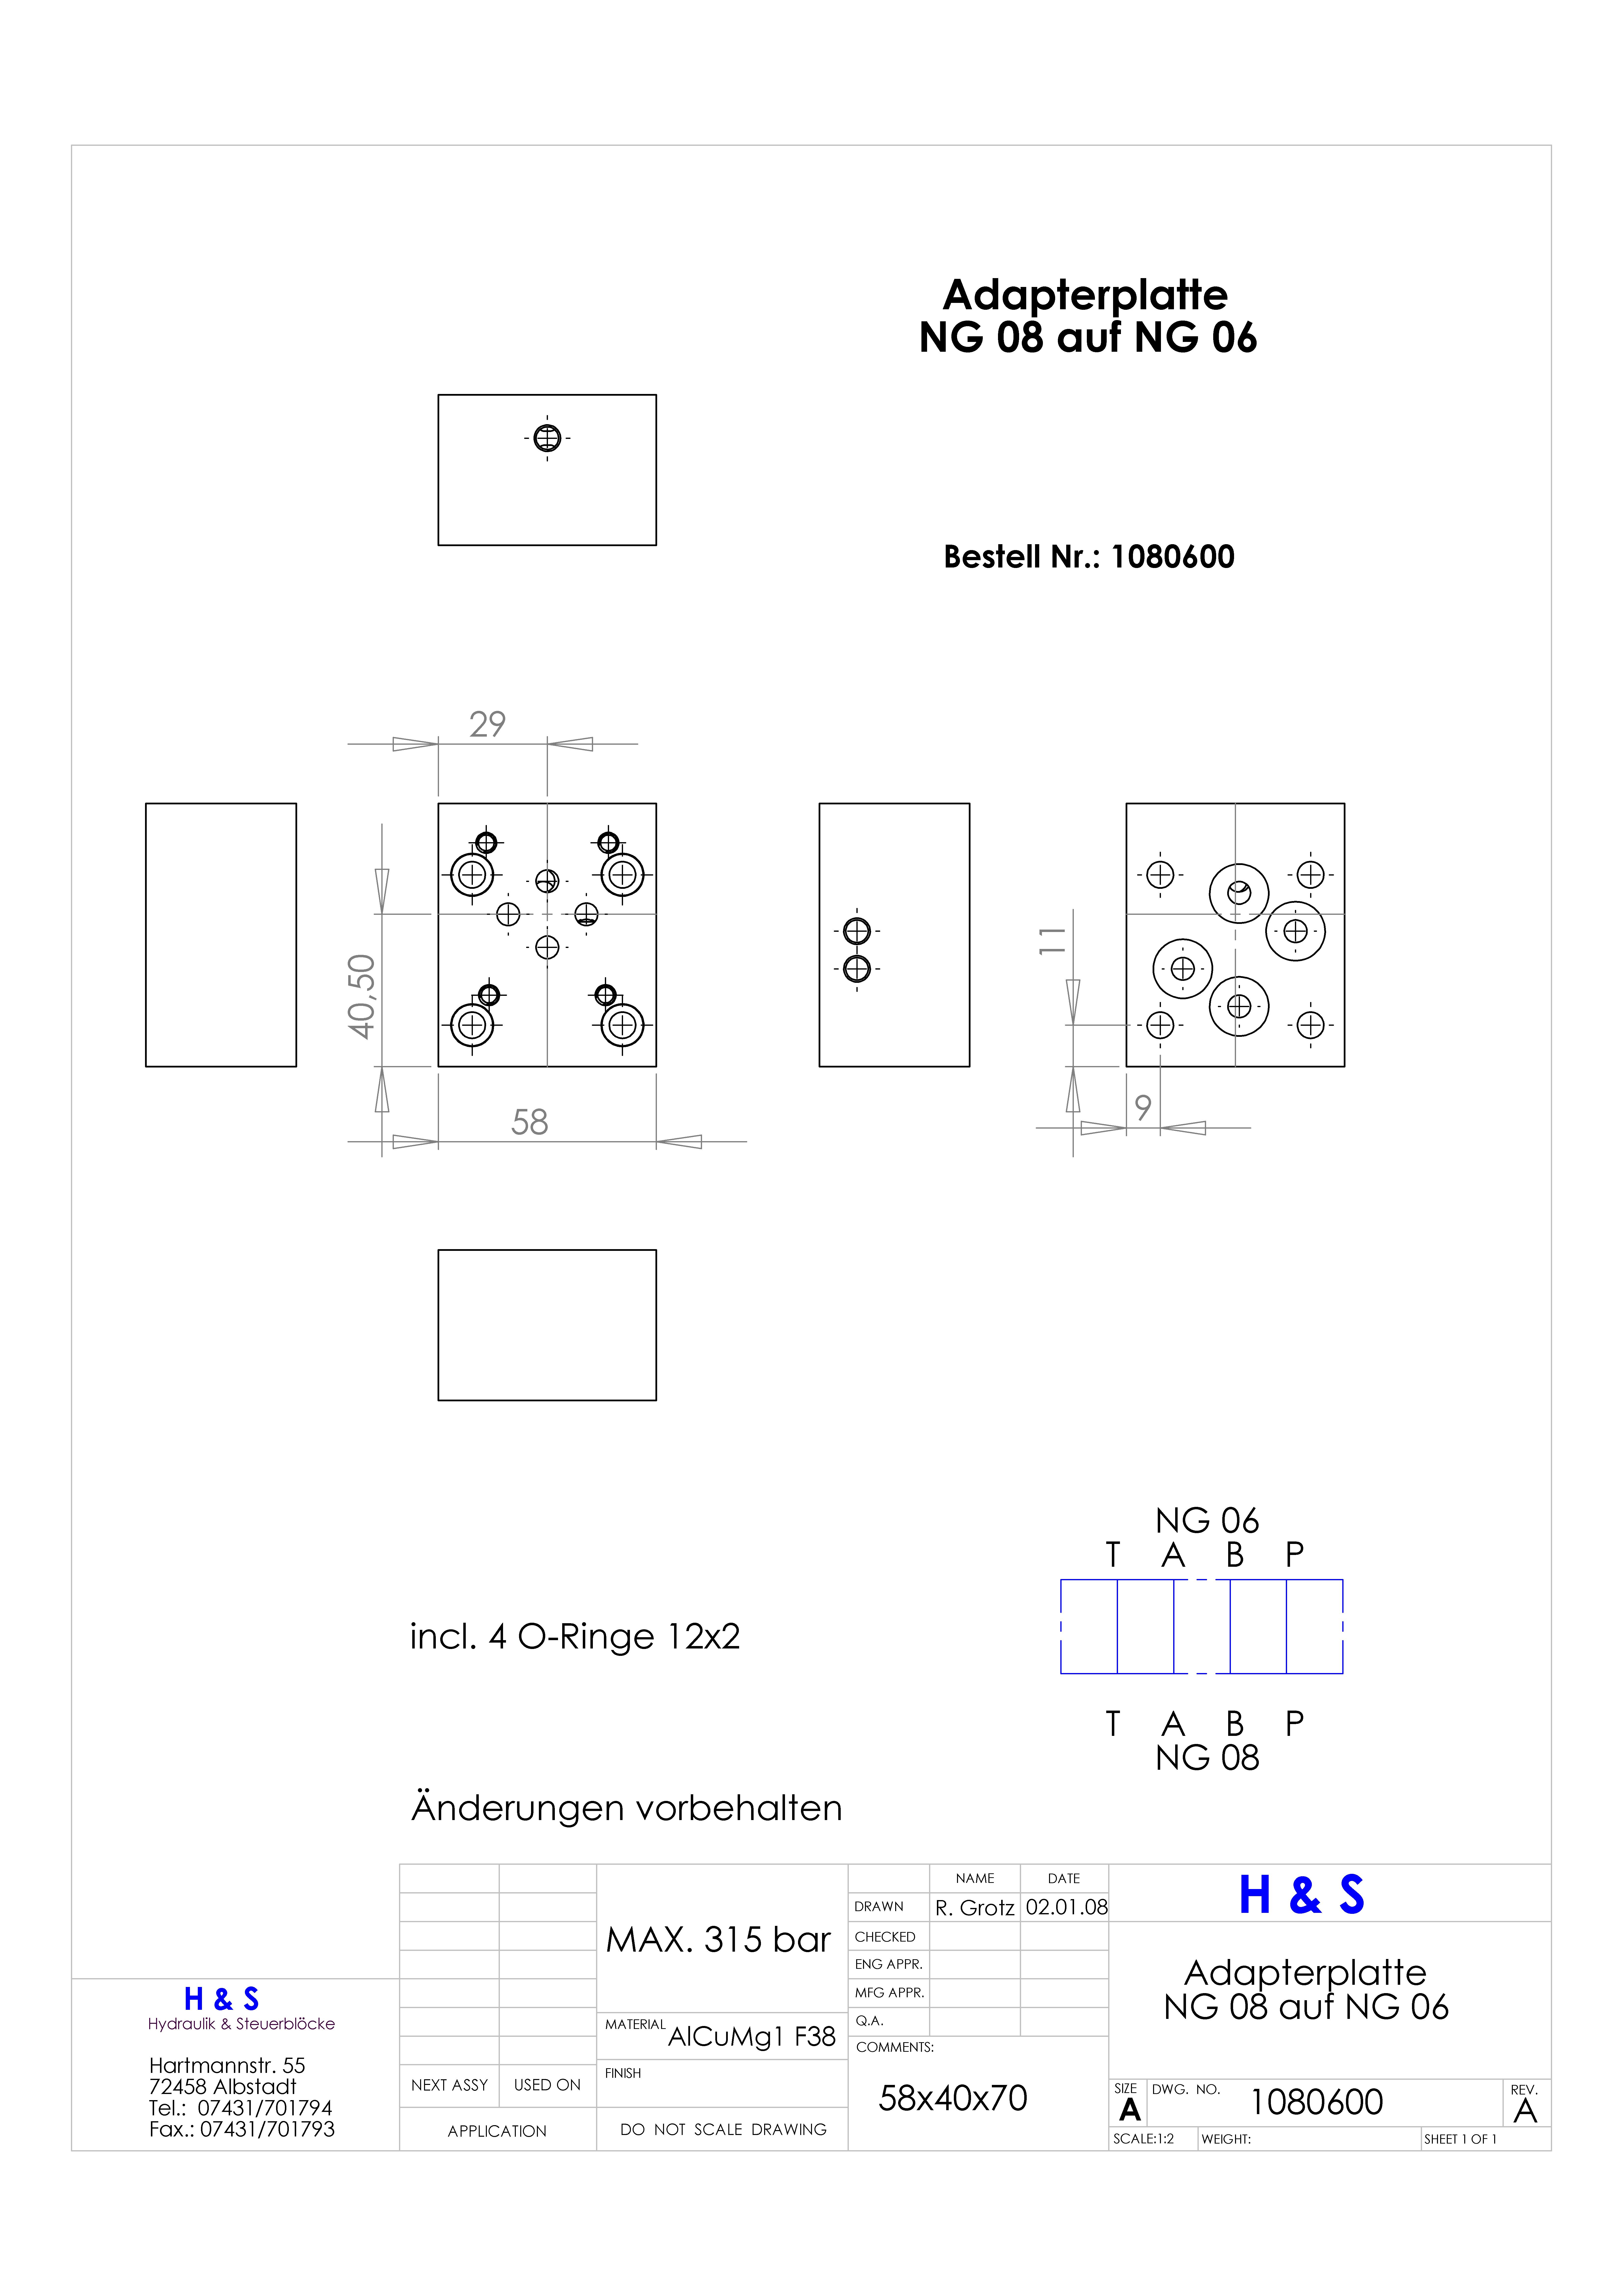 Adapterplatte-NG08-auf-NG06